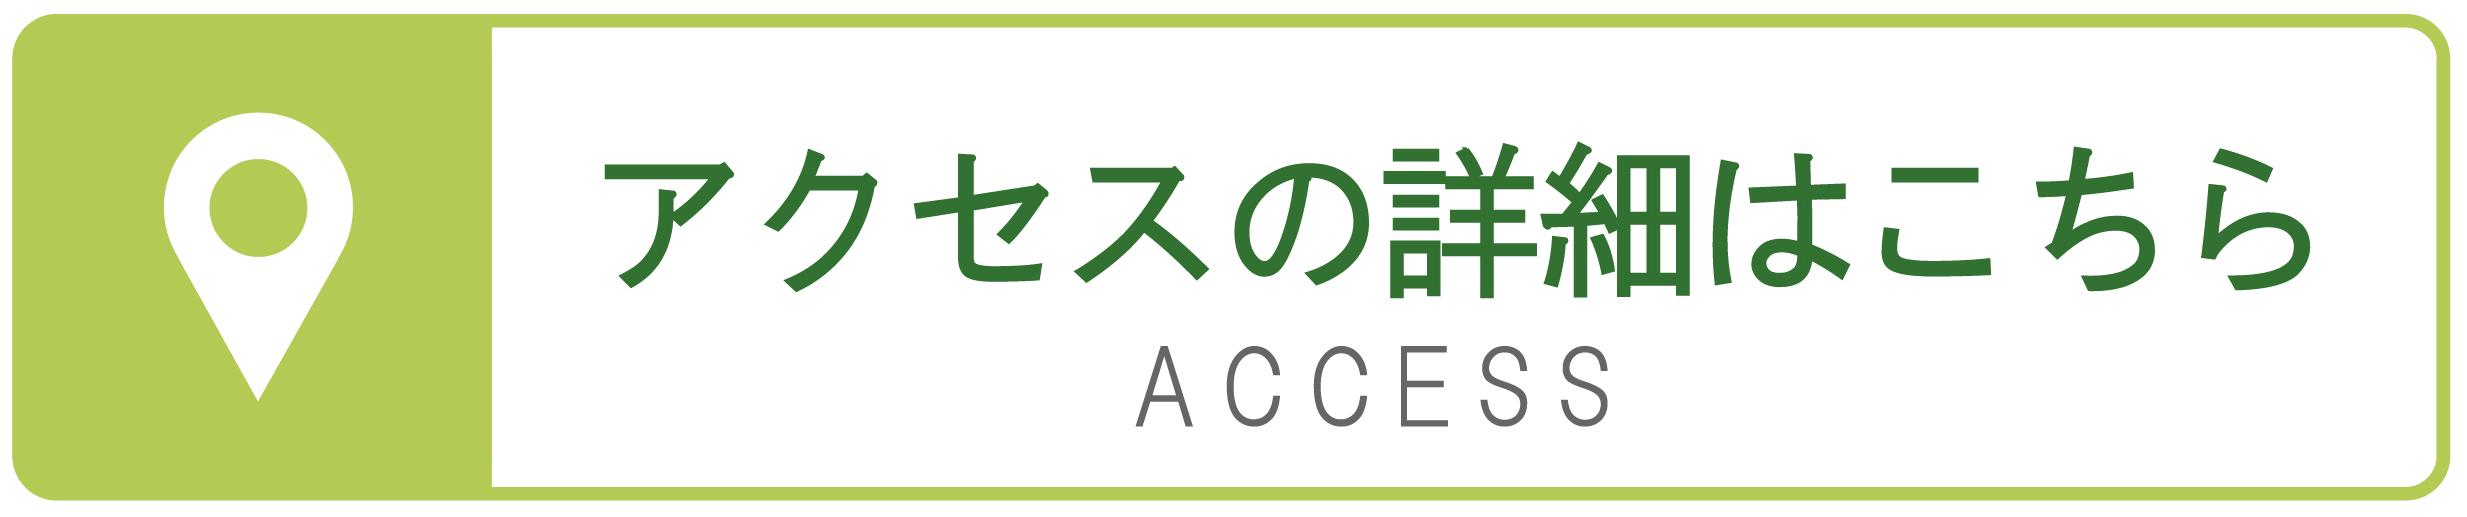 アクセスバナー